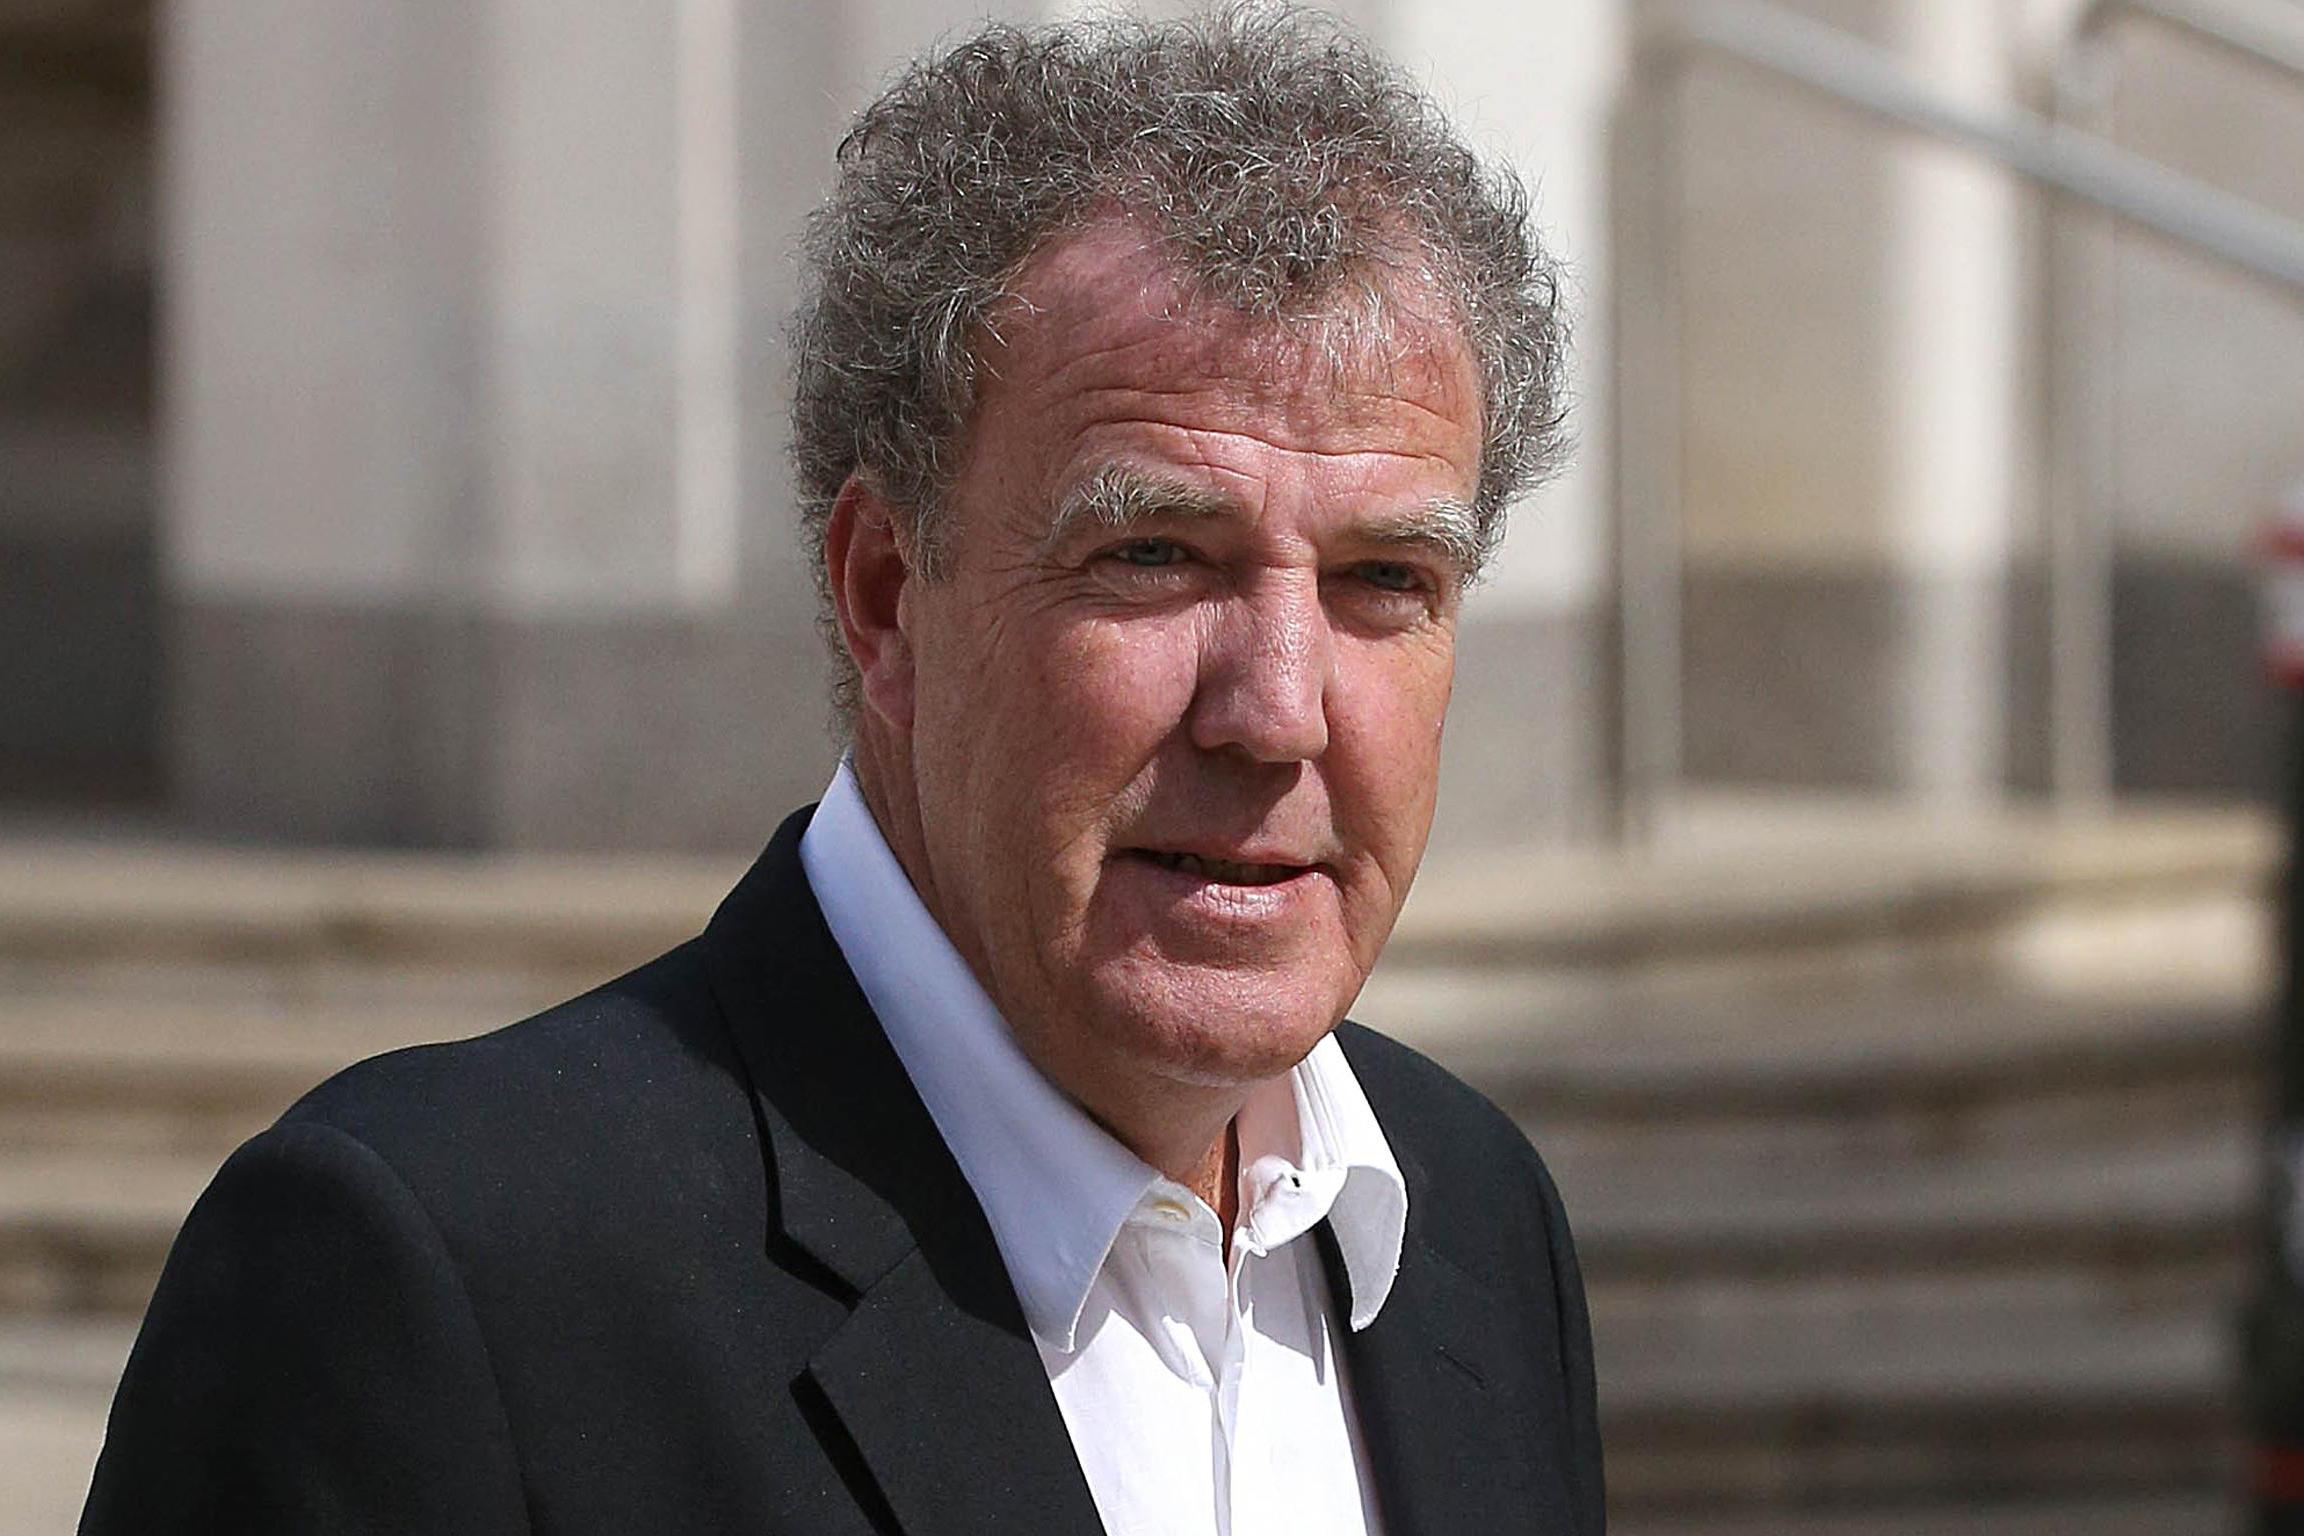 Jeremy Clarkson Settles Racial Discrimination Lawsuit